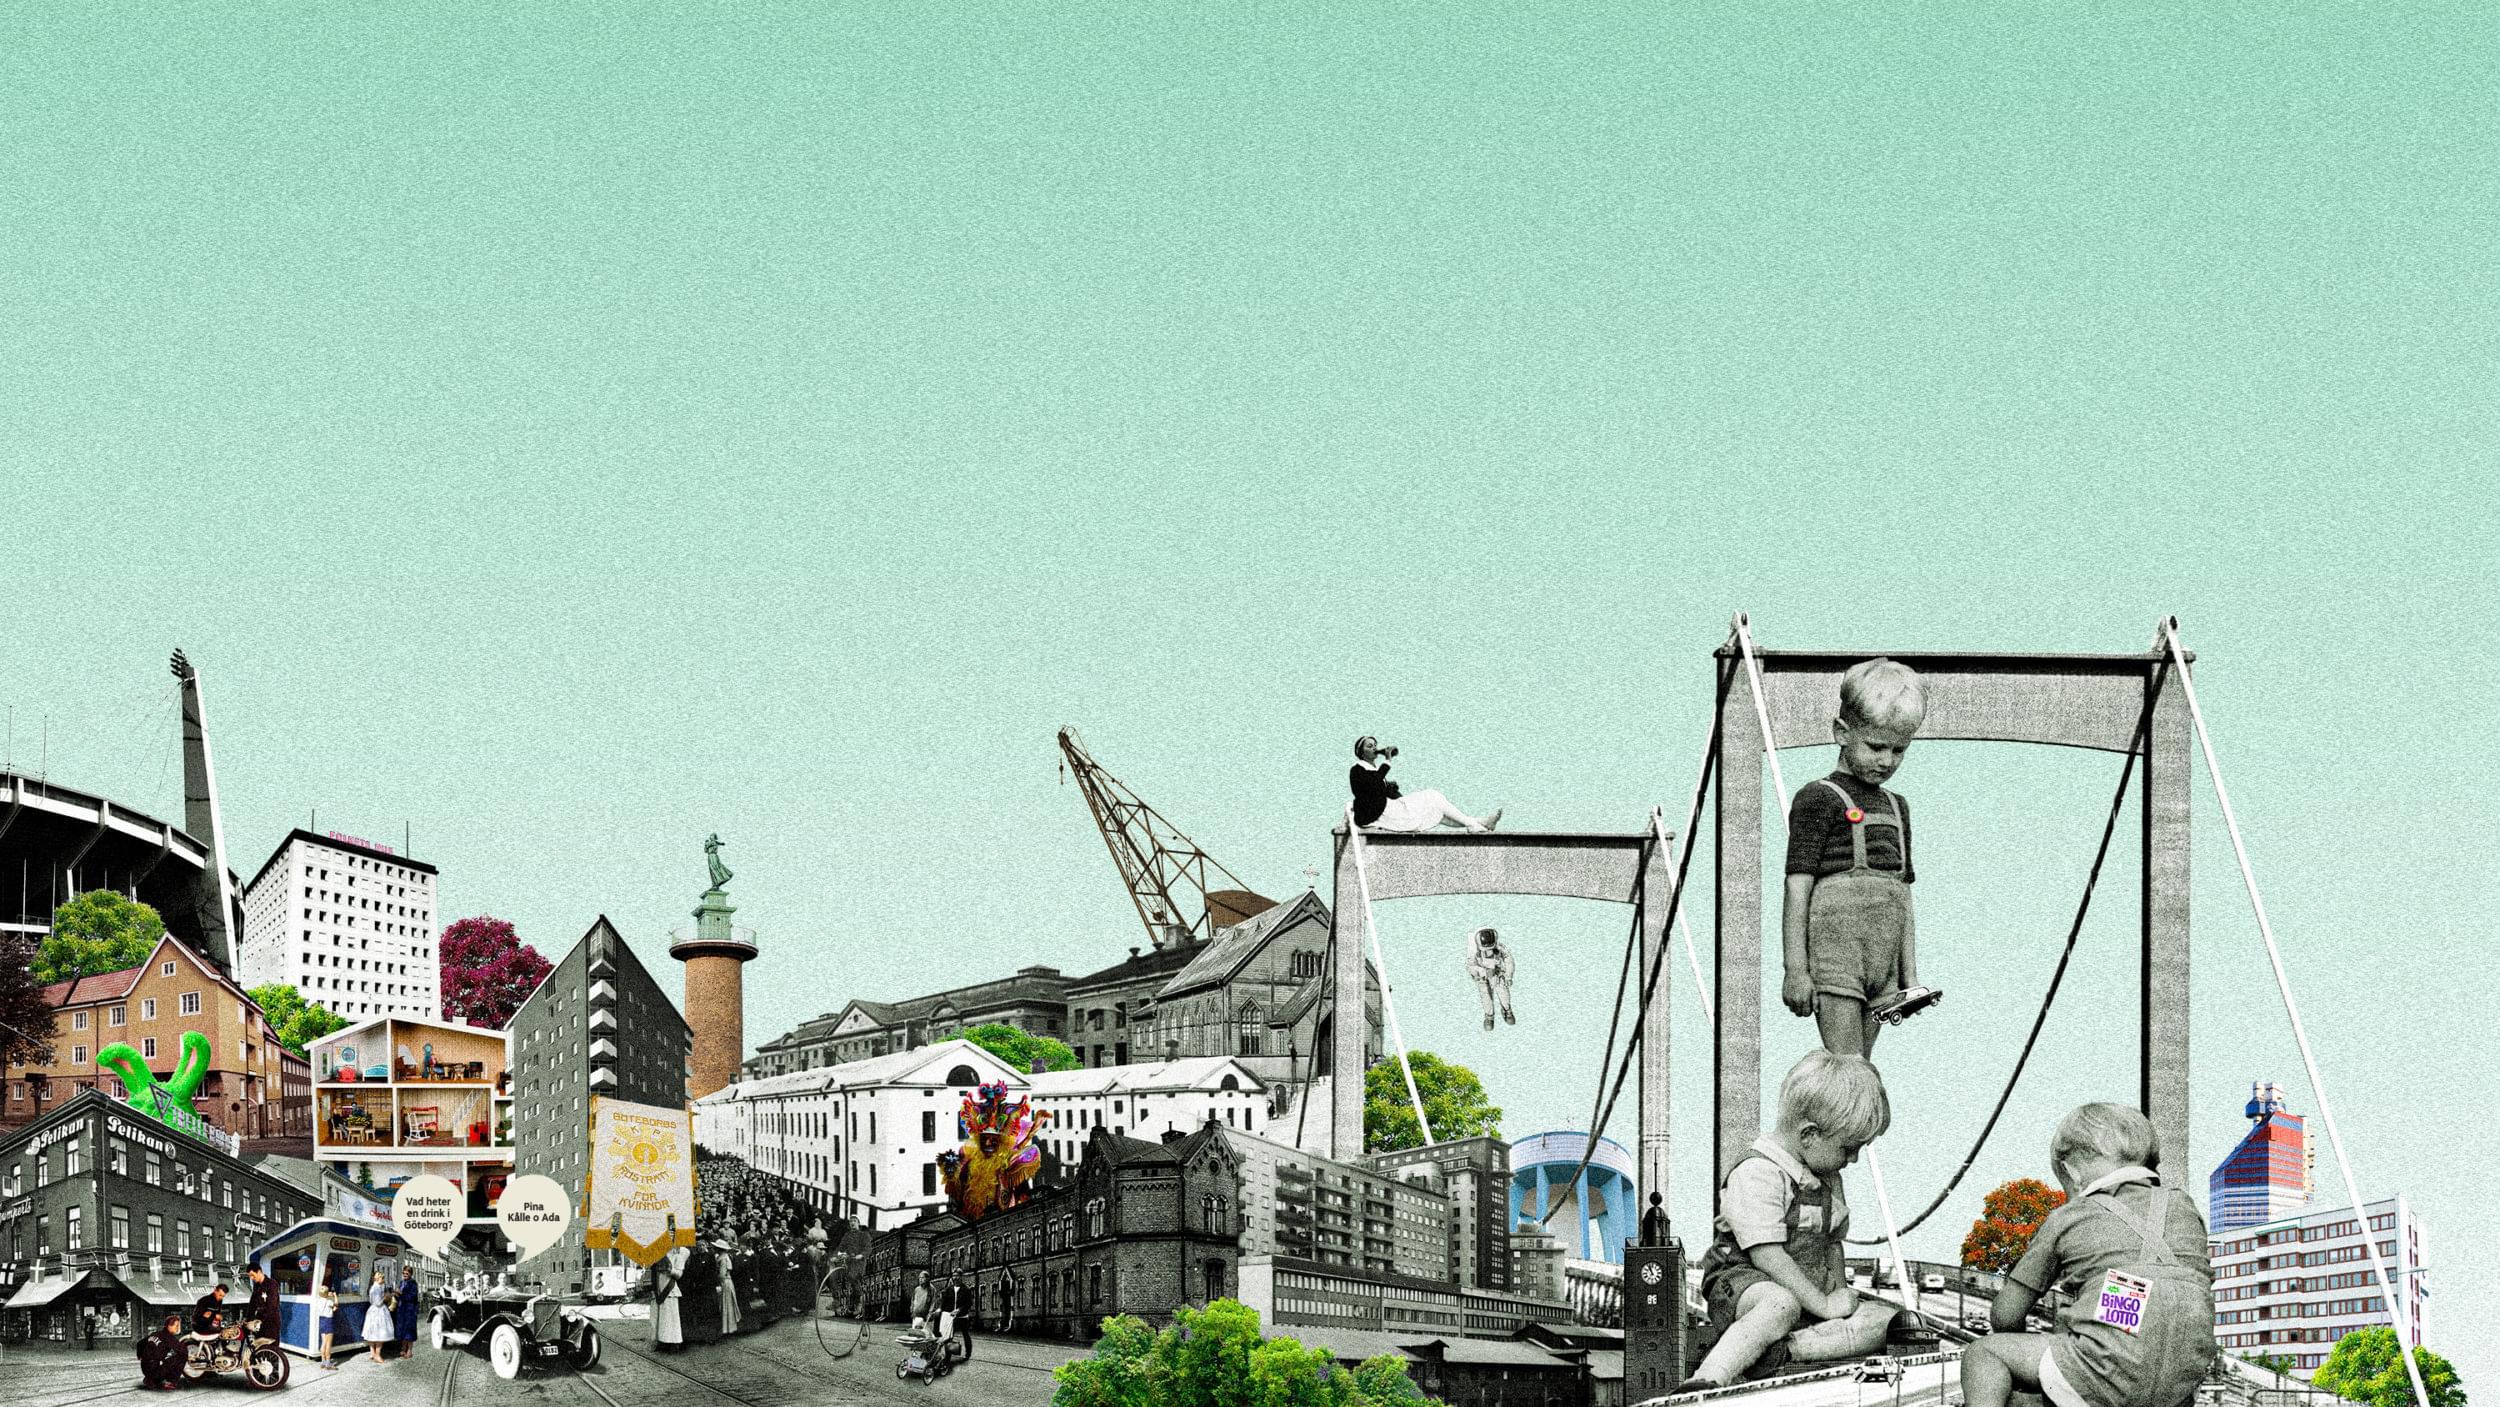 Ett collage av hus och göteborgsgrejer